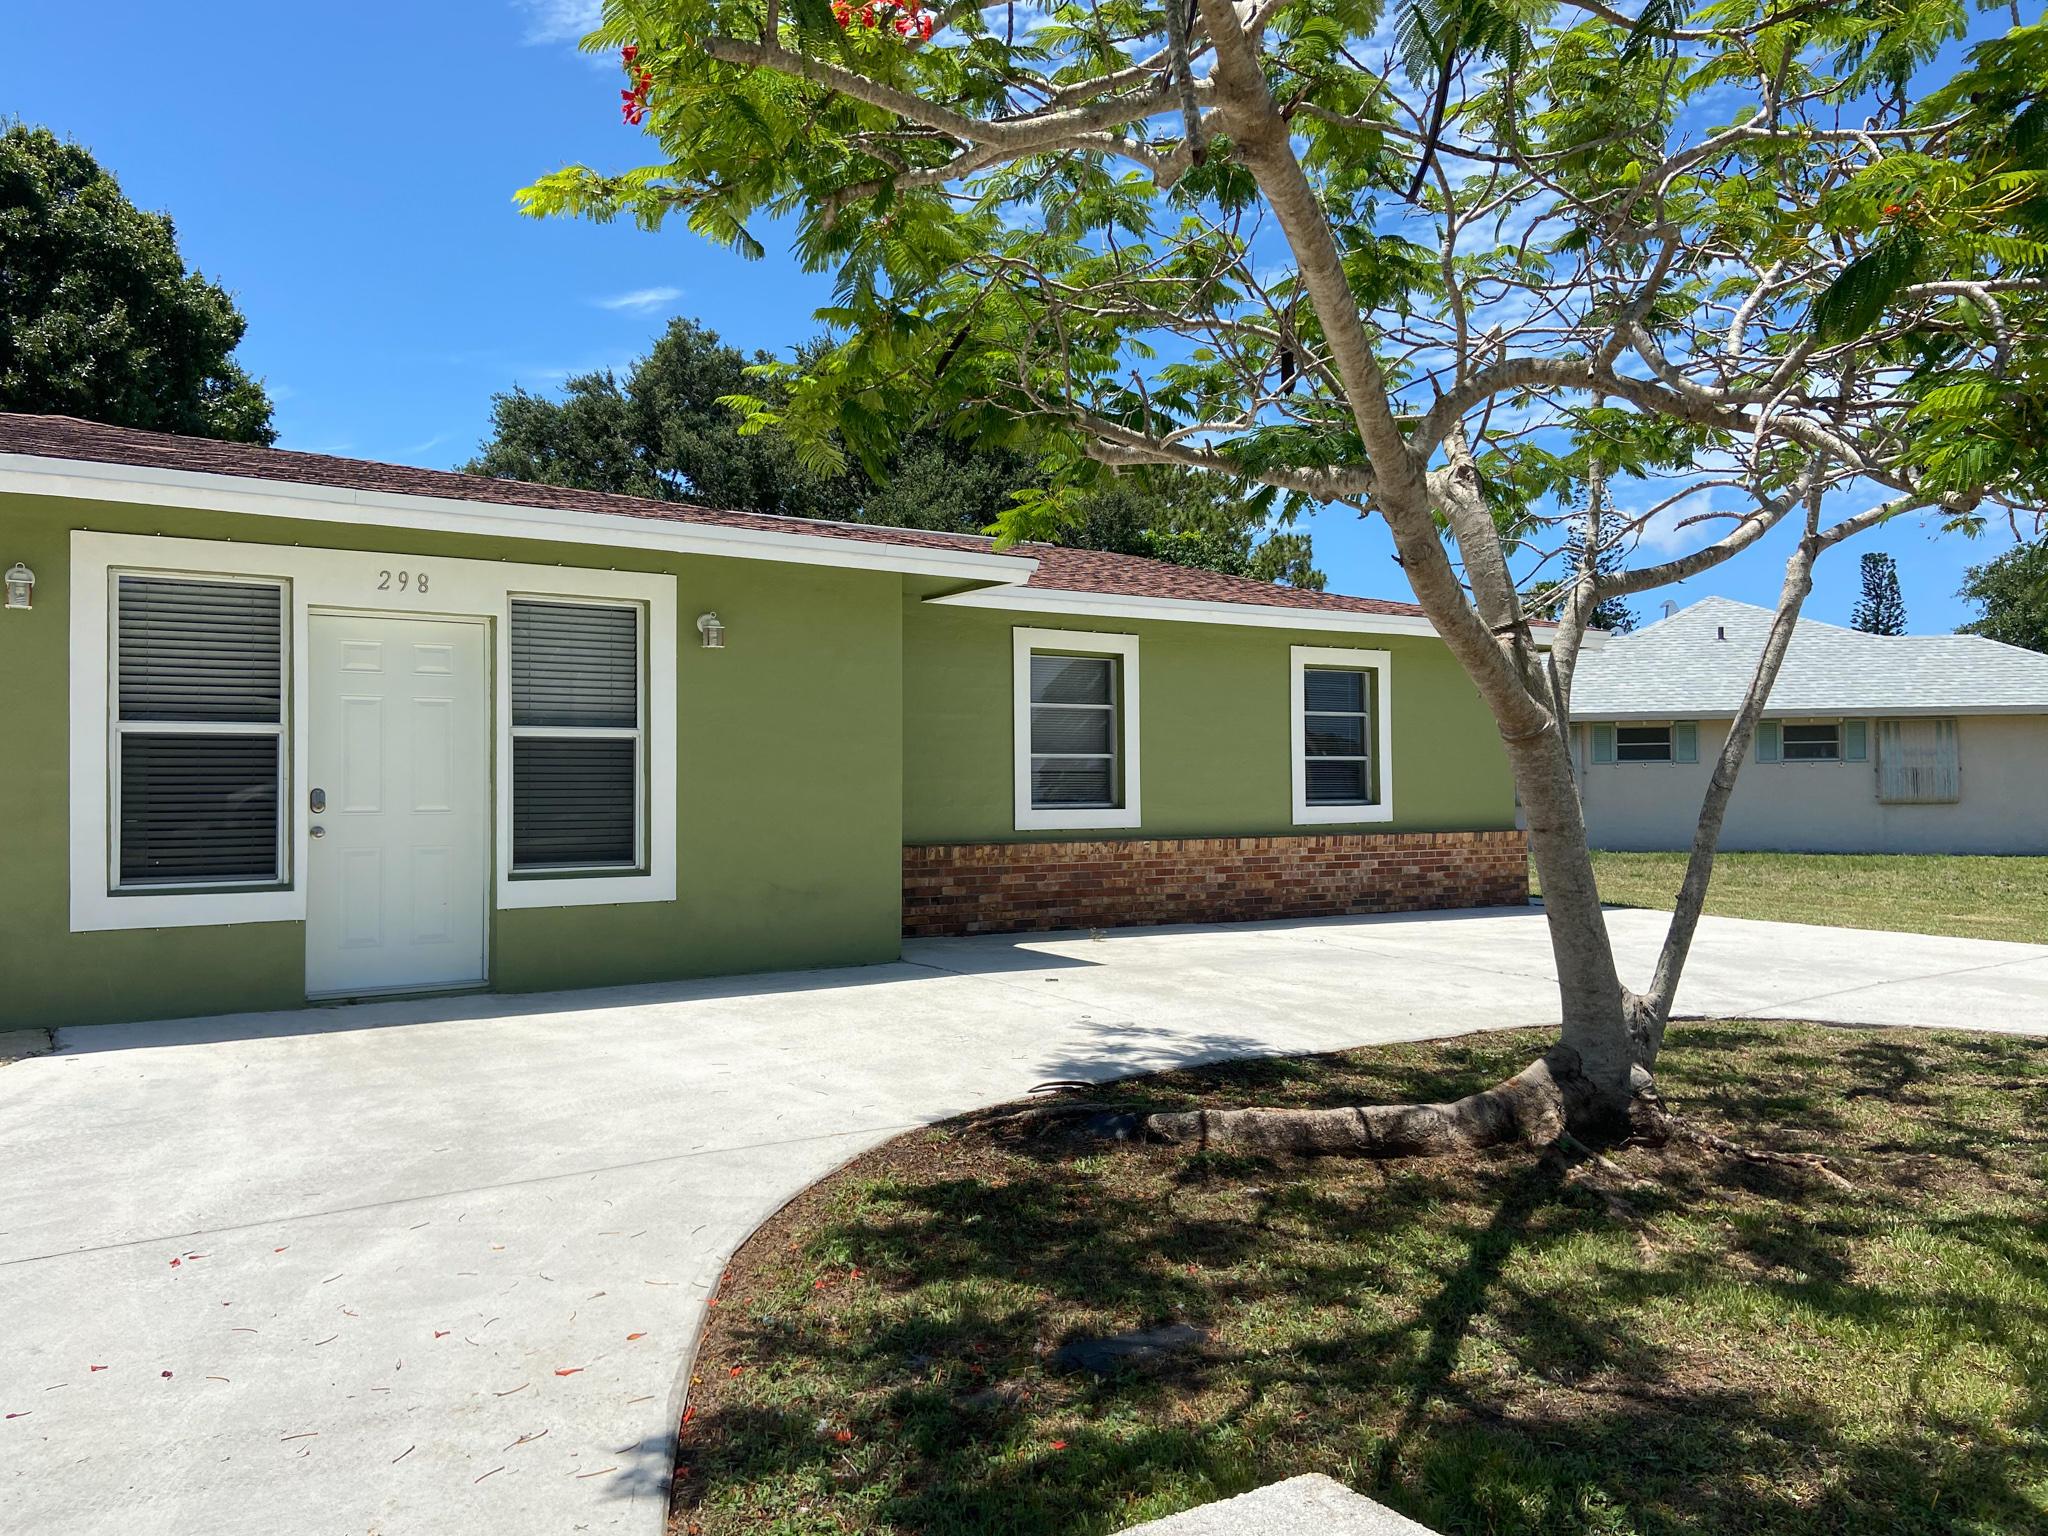 298 NE Surrey Street - 34983 - FL - Port Saint Lucie